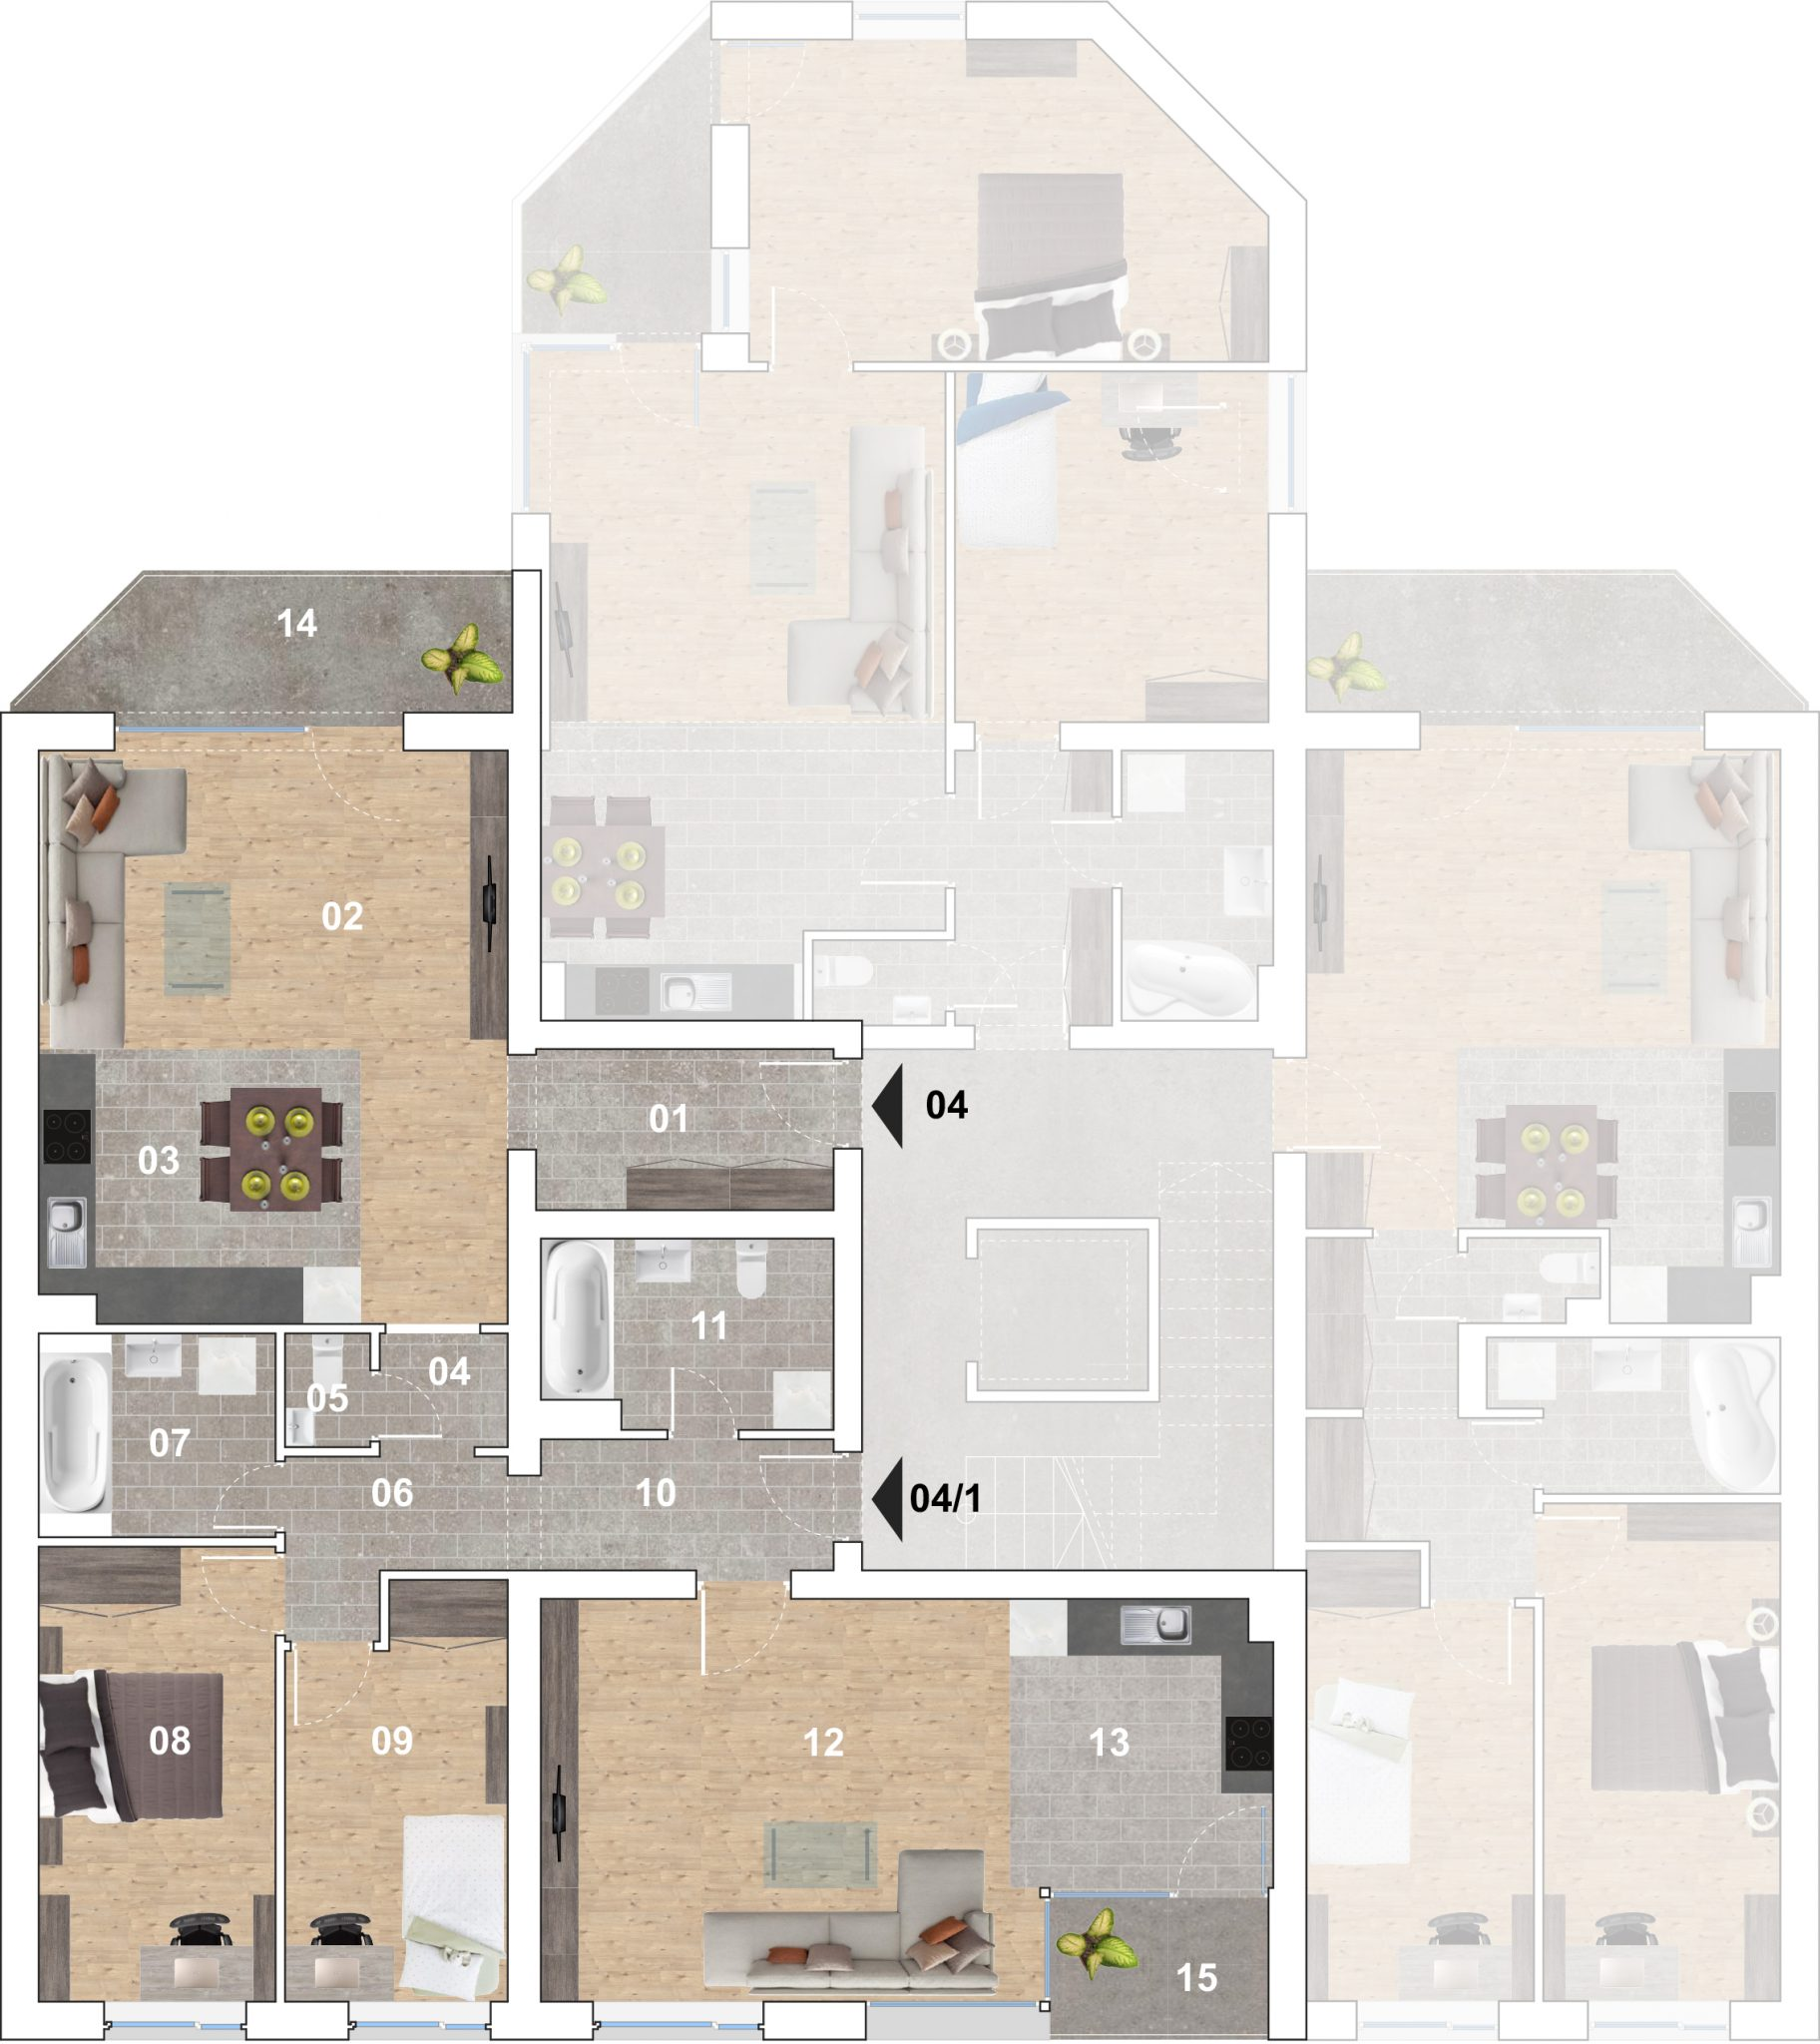 04M lakás alaprajz